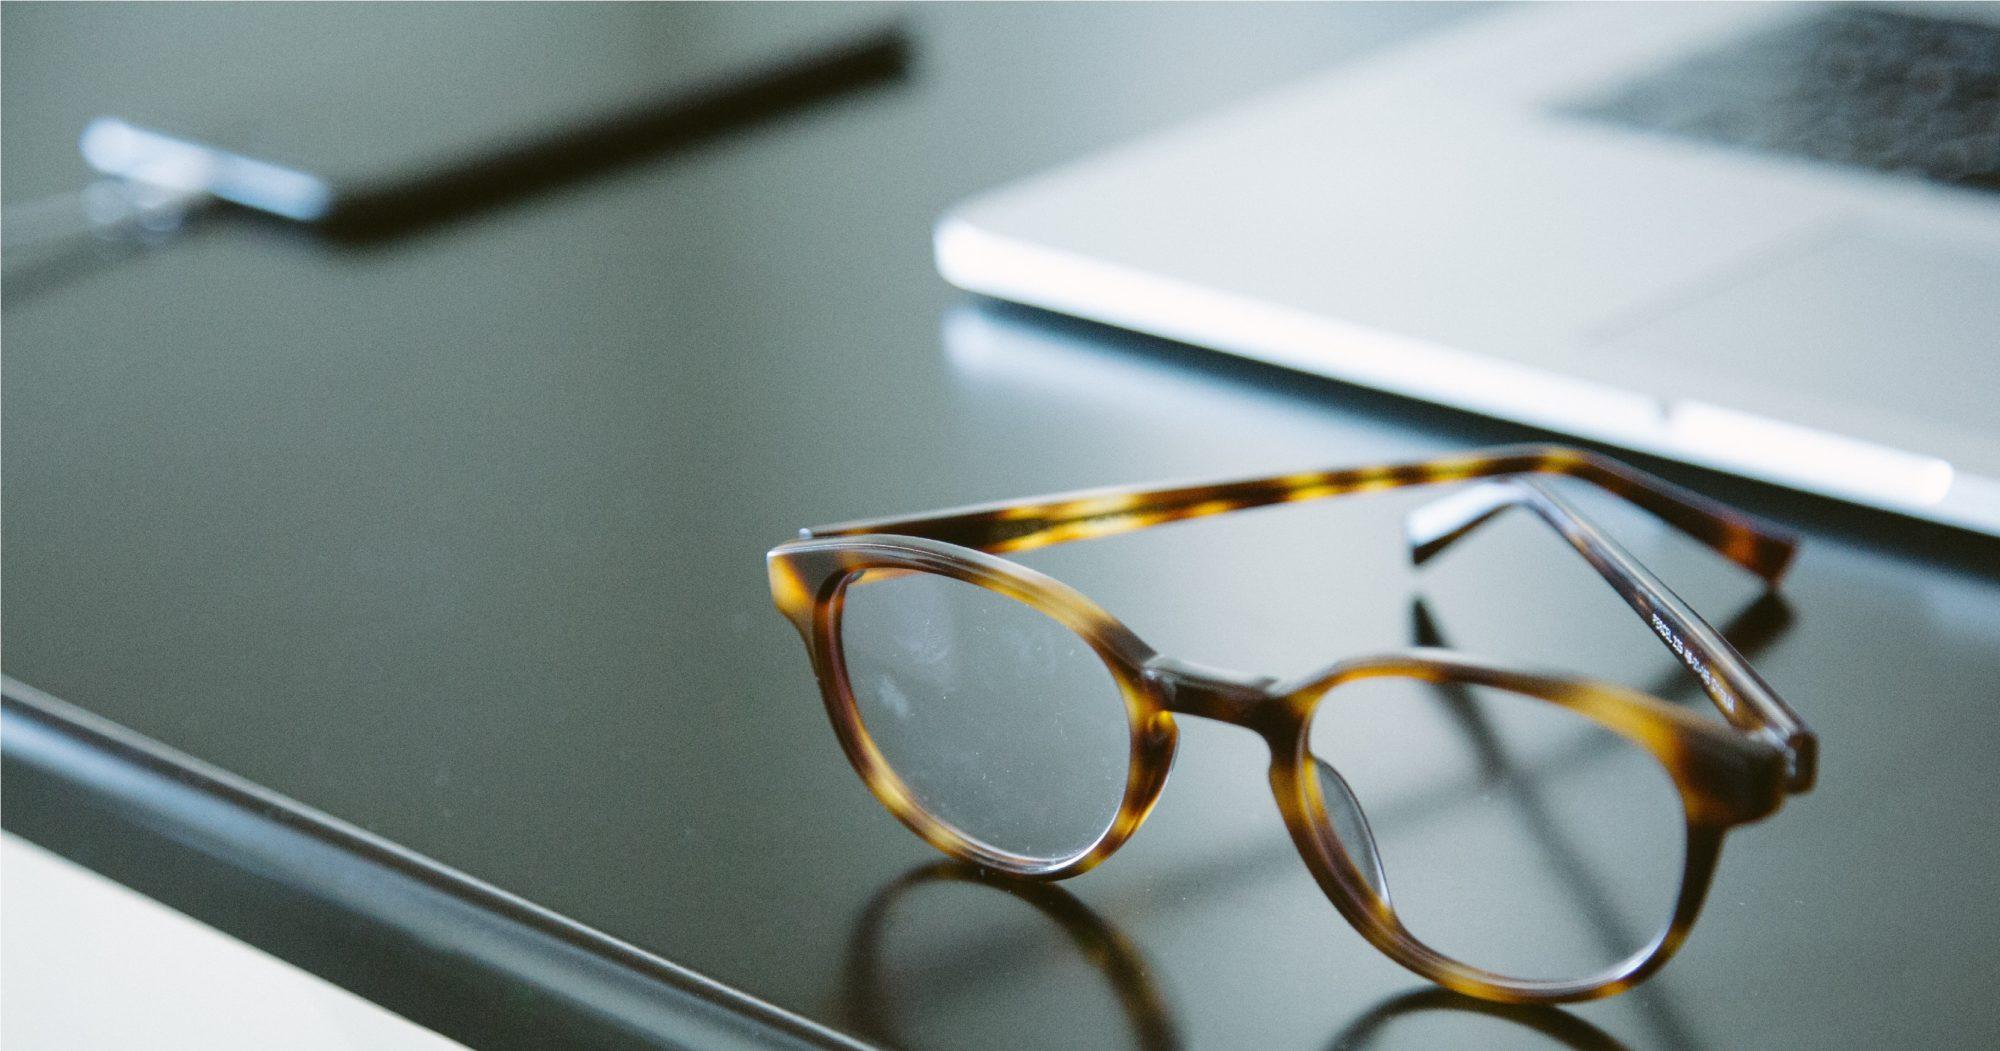 Amazon songe à décliner Alexa dans des lunettes connectées - Tech - Numerama b4737669e046